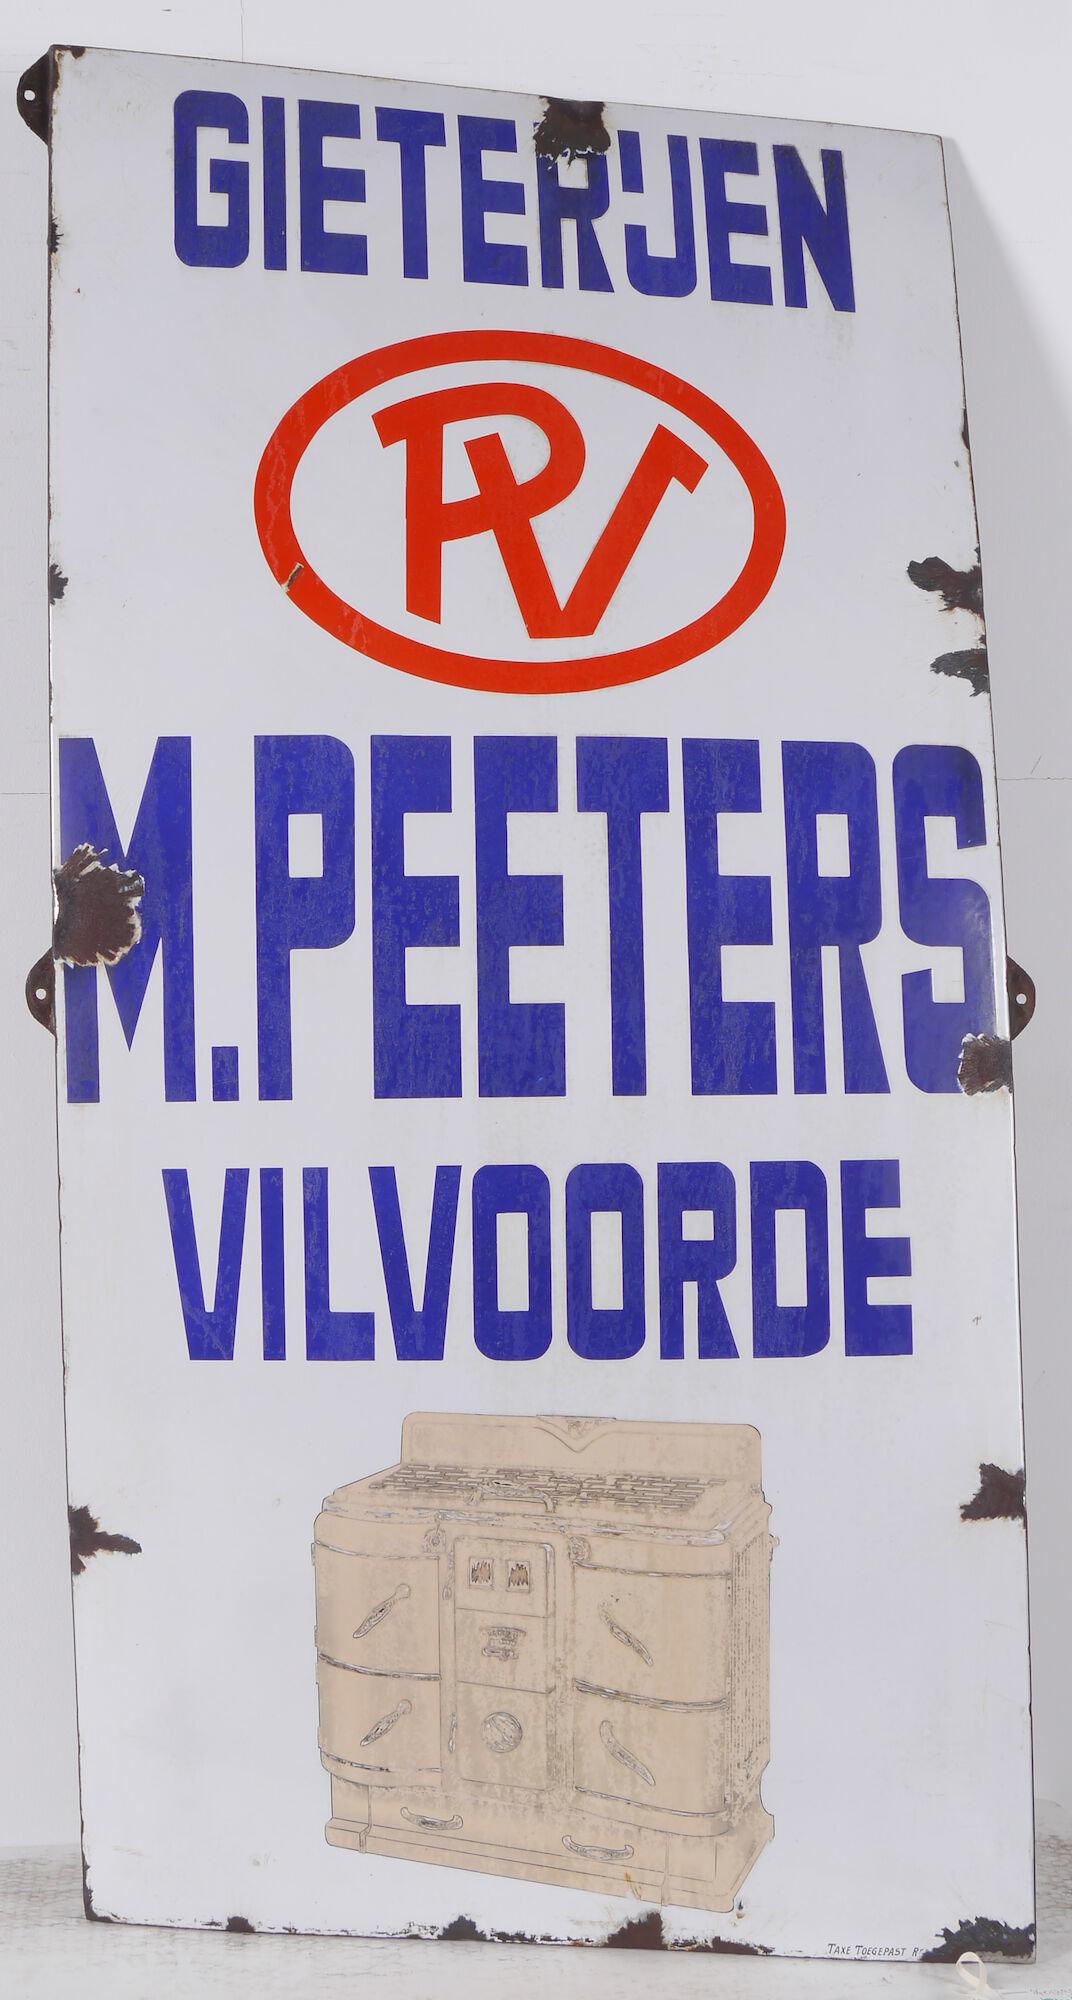 Geëmailleerd firmabord van Gieterijen Peeters